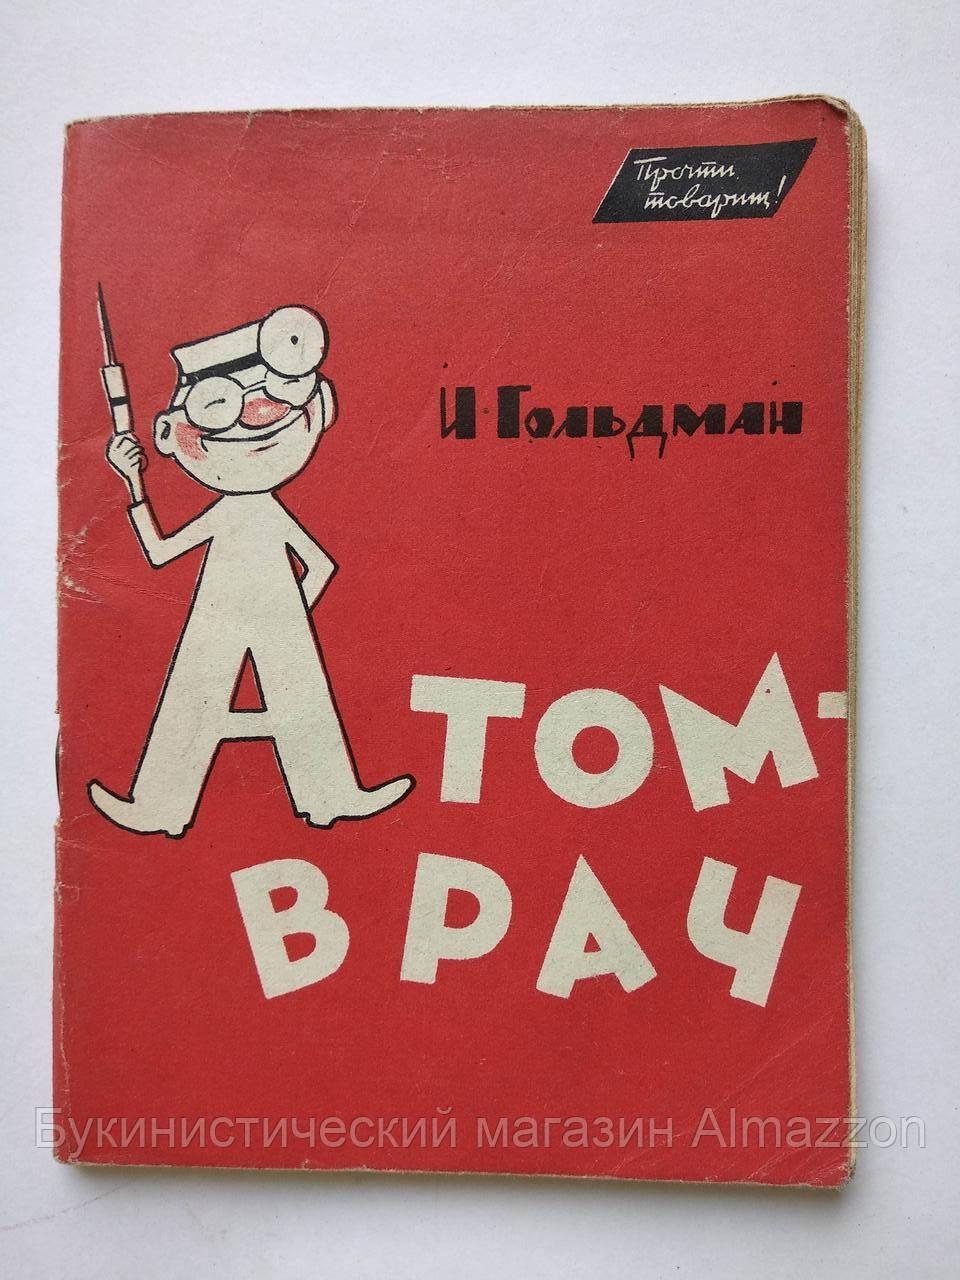 В. Гольдман Атом-лікар 1961 рік. Серія: Прочитай, товариш